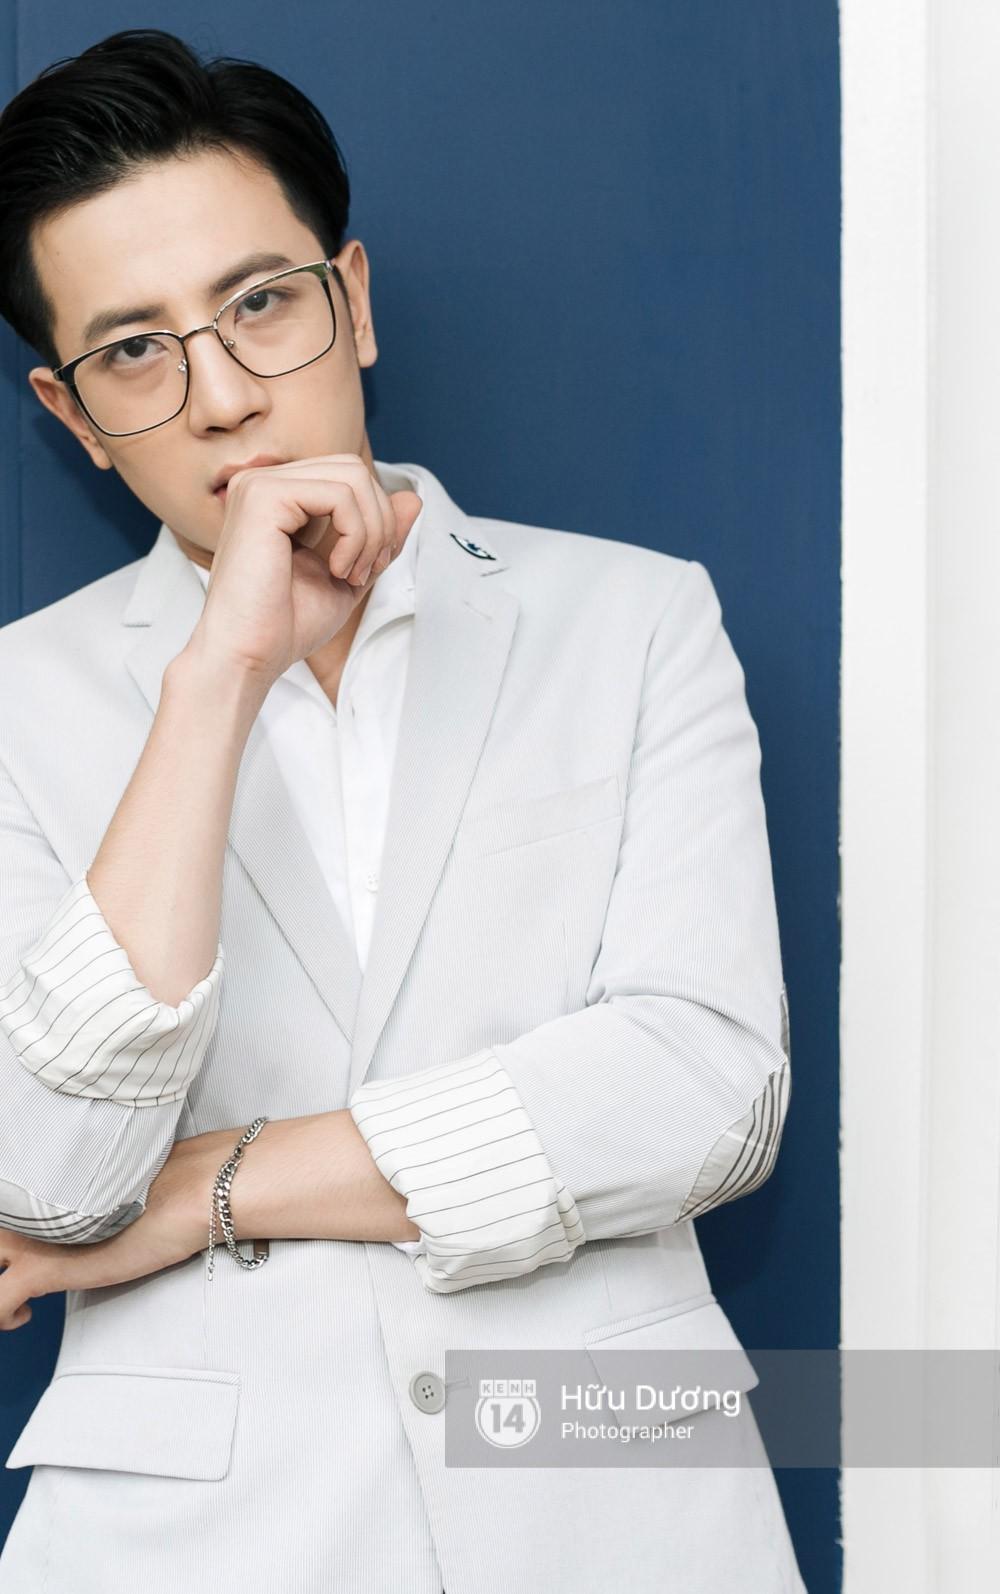 Hotboy học đường Phí Ngọc Hưng: Mình tham vọng lắm! - Ảnh 3.